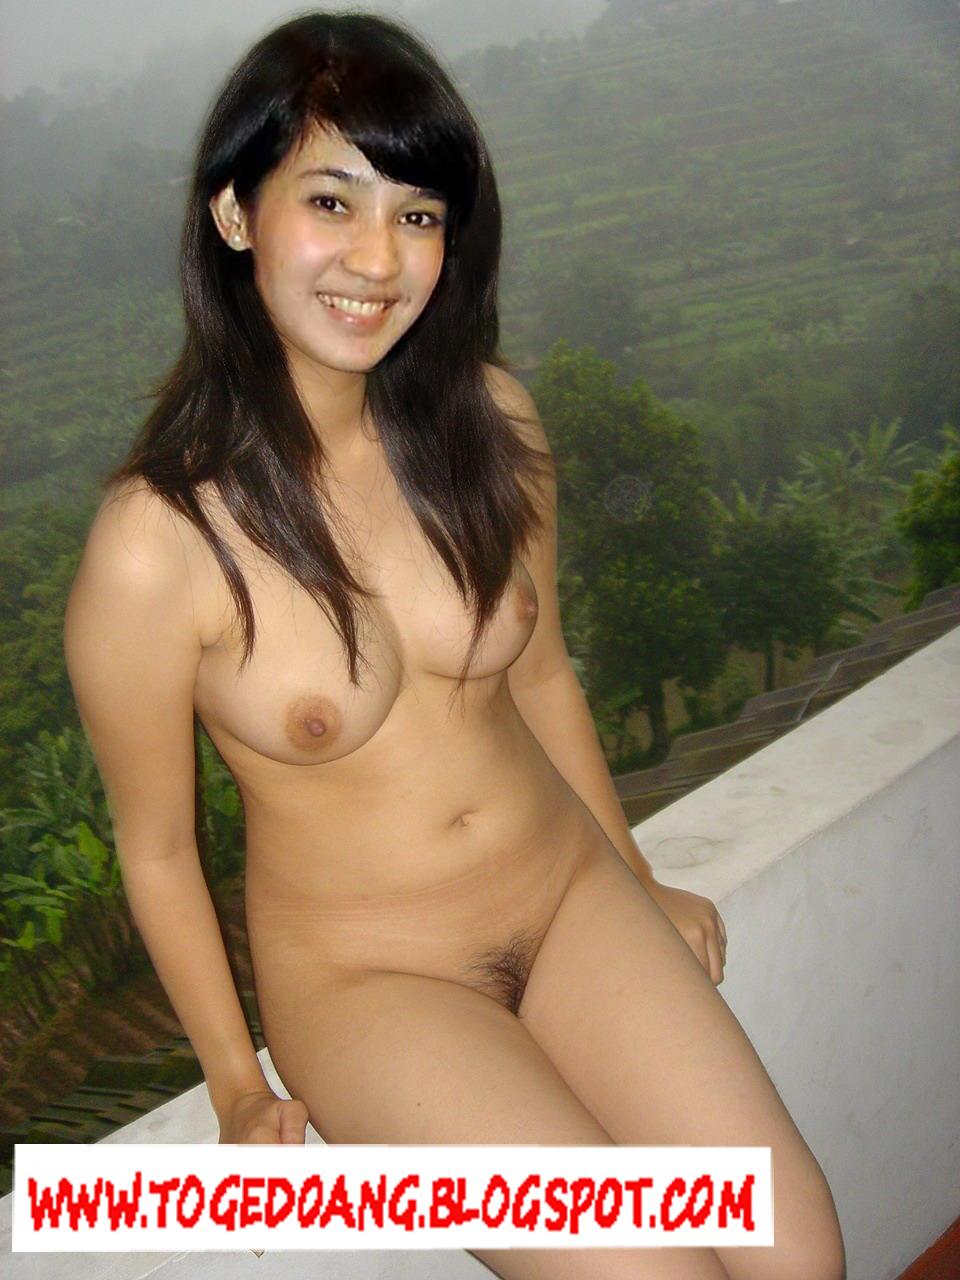 Naked nudist